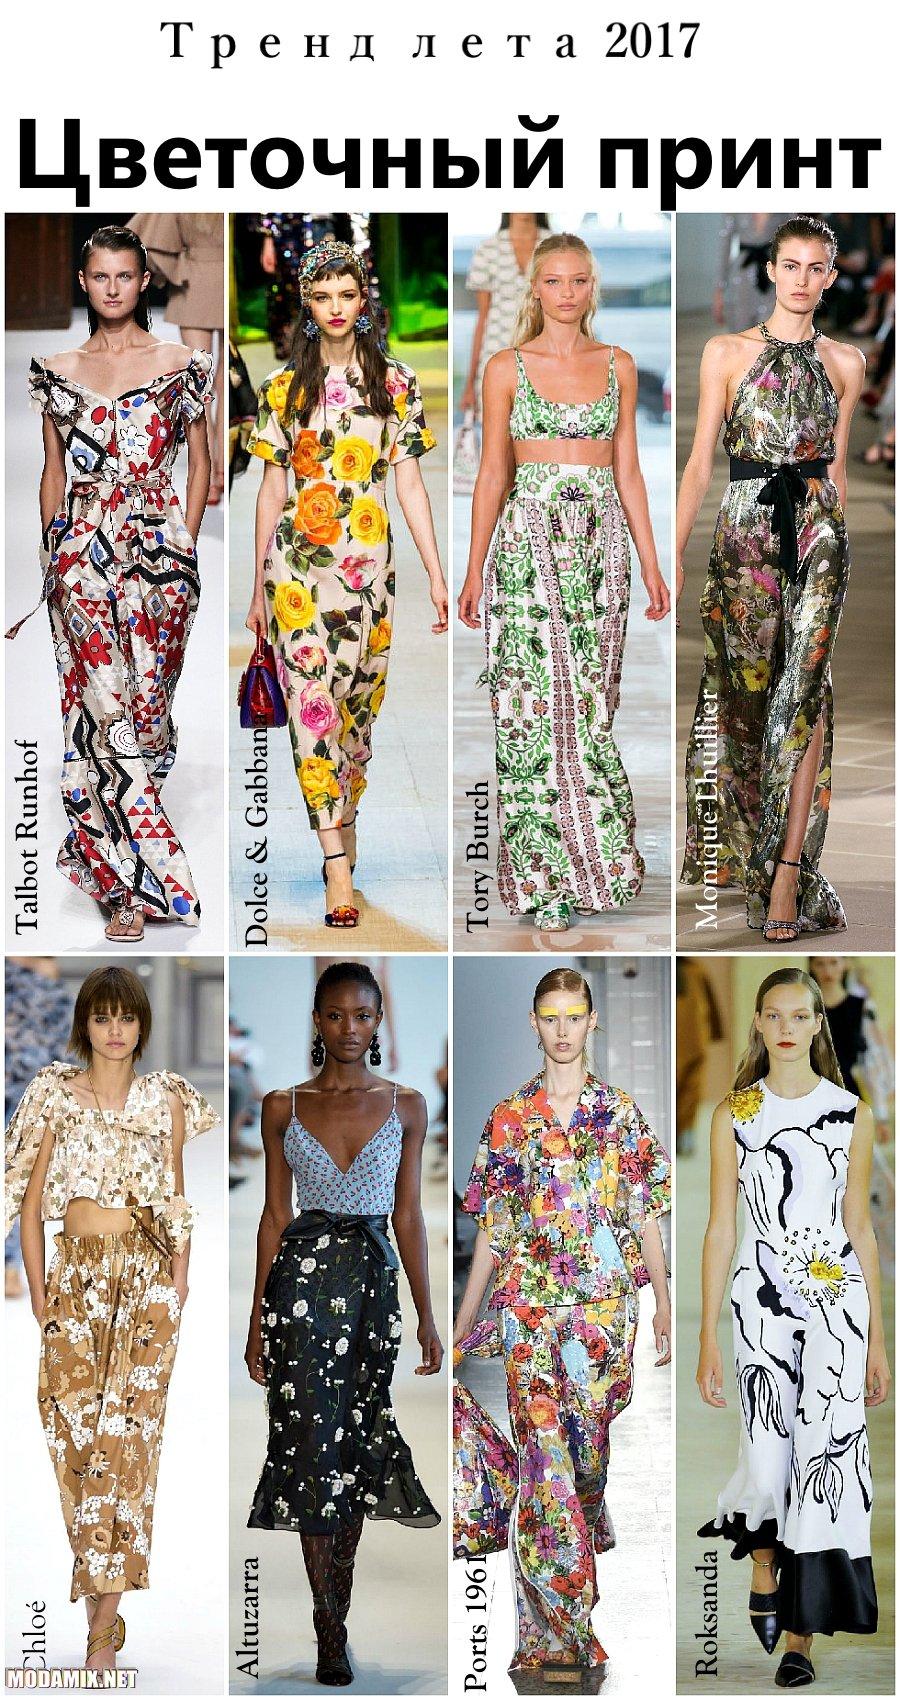 Что модно летом 2017 - цветочный принт